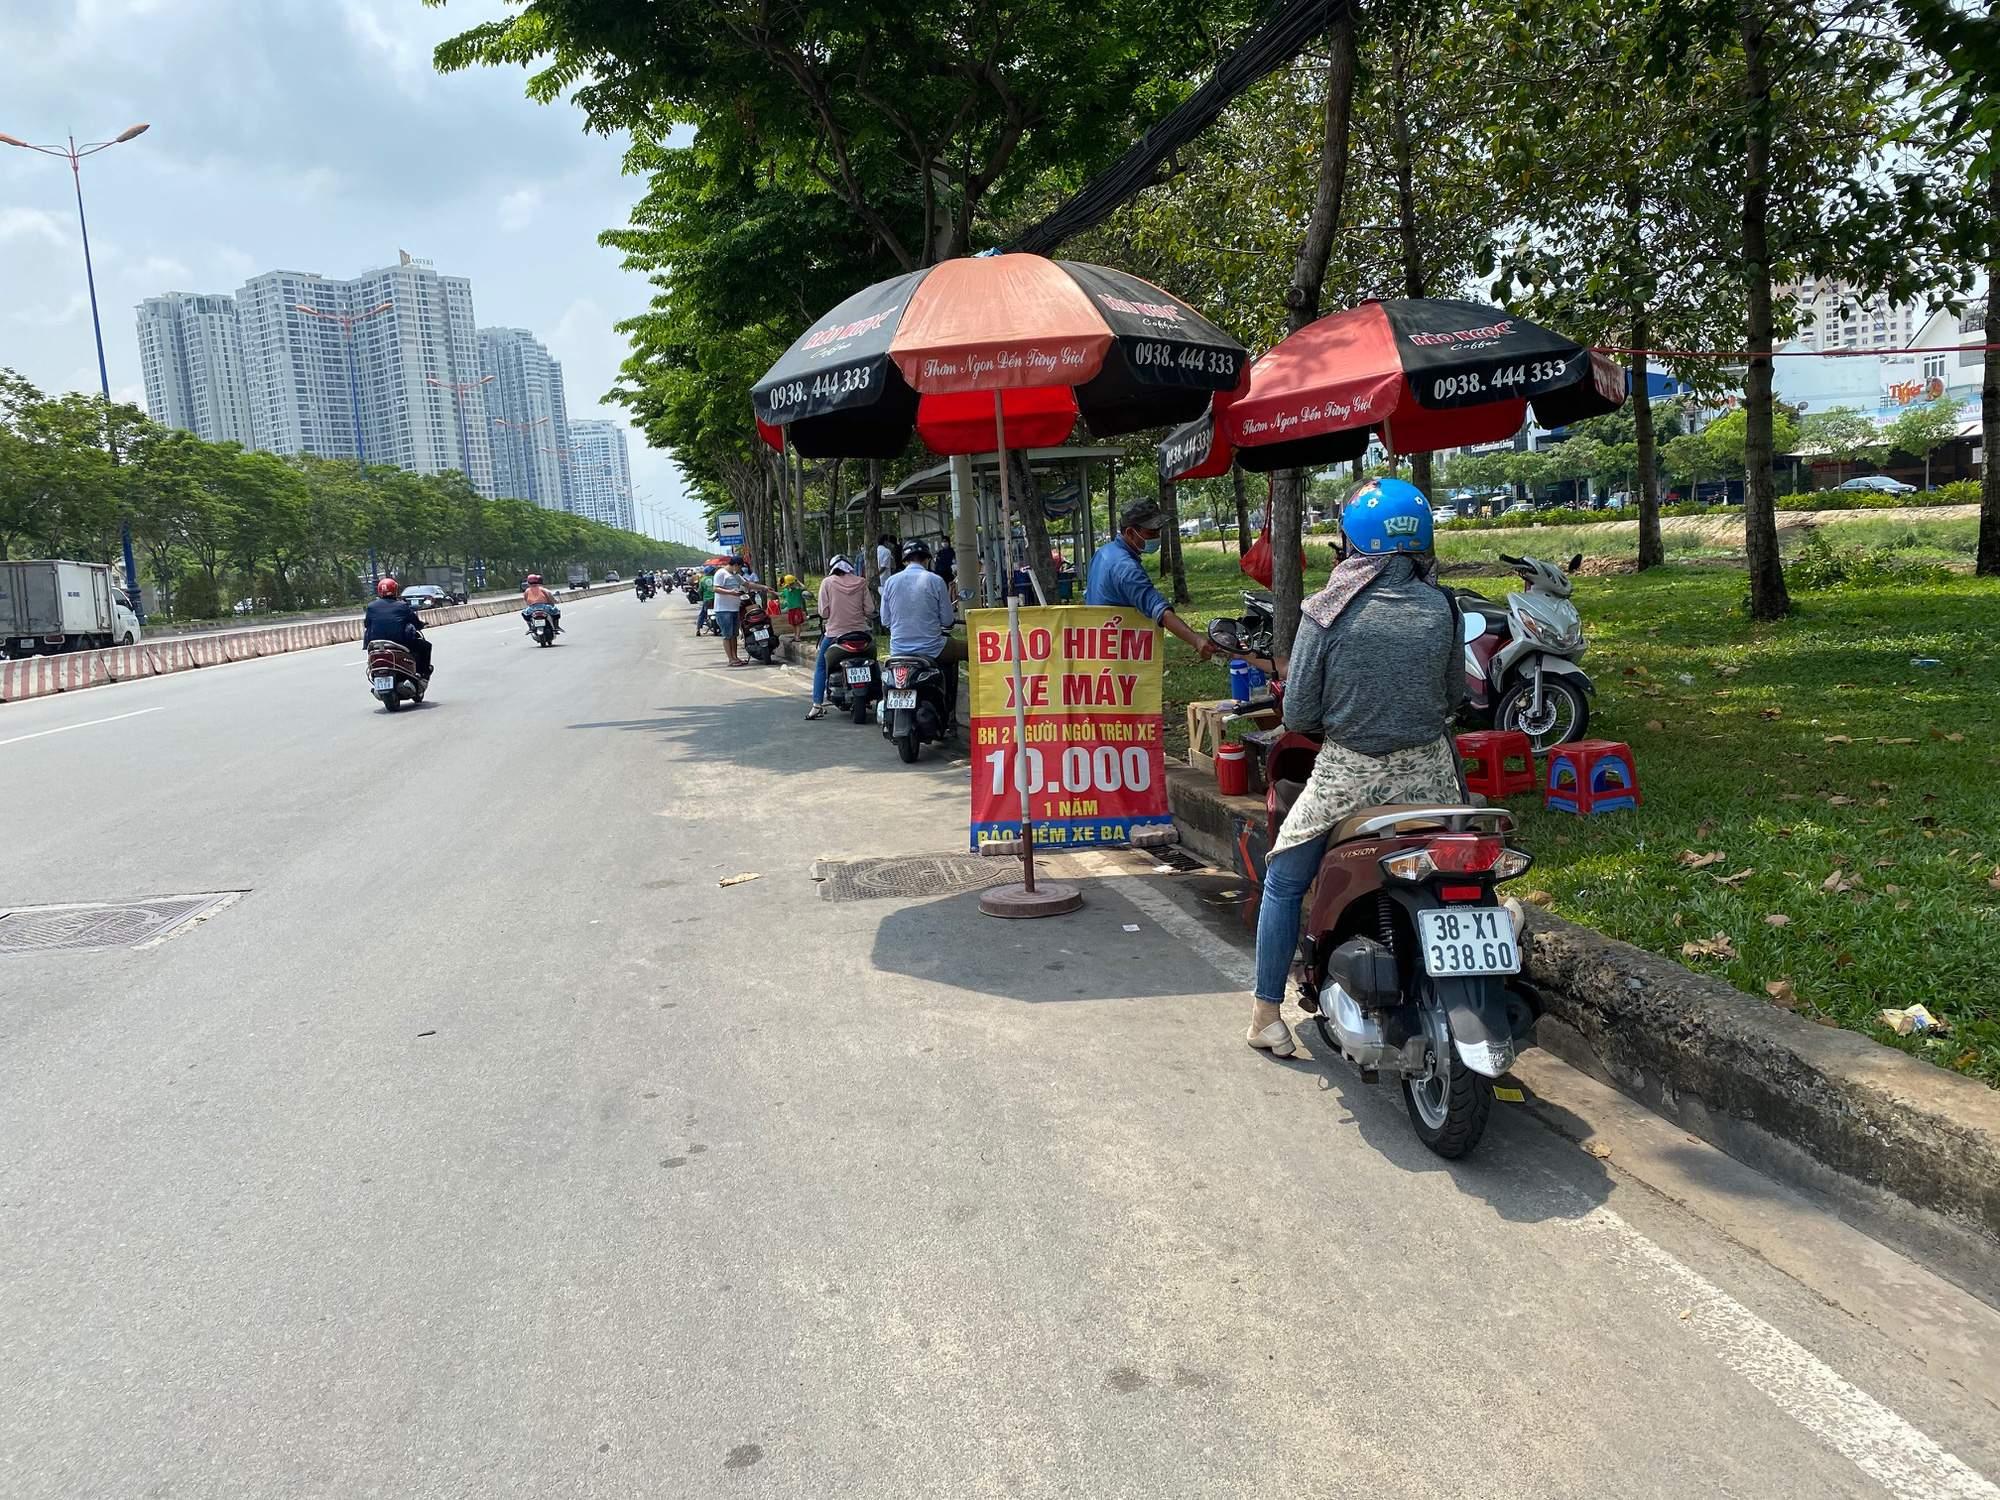 Bảo hiểm xe máy có thời hạn bao lâu?